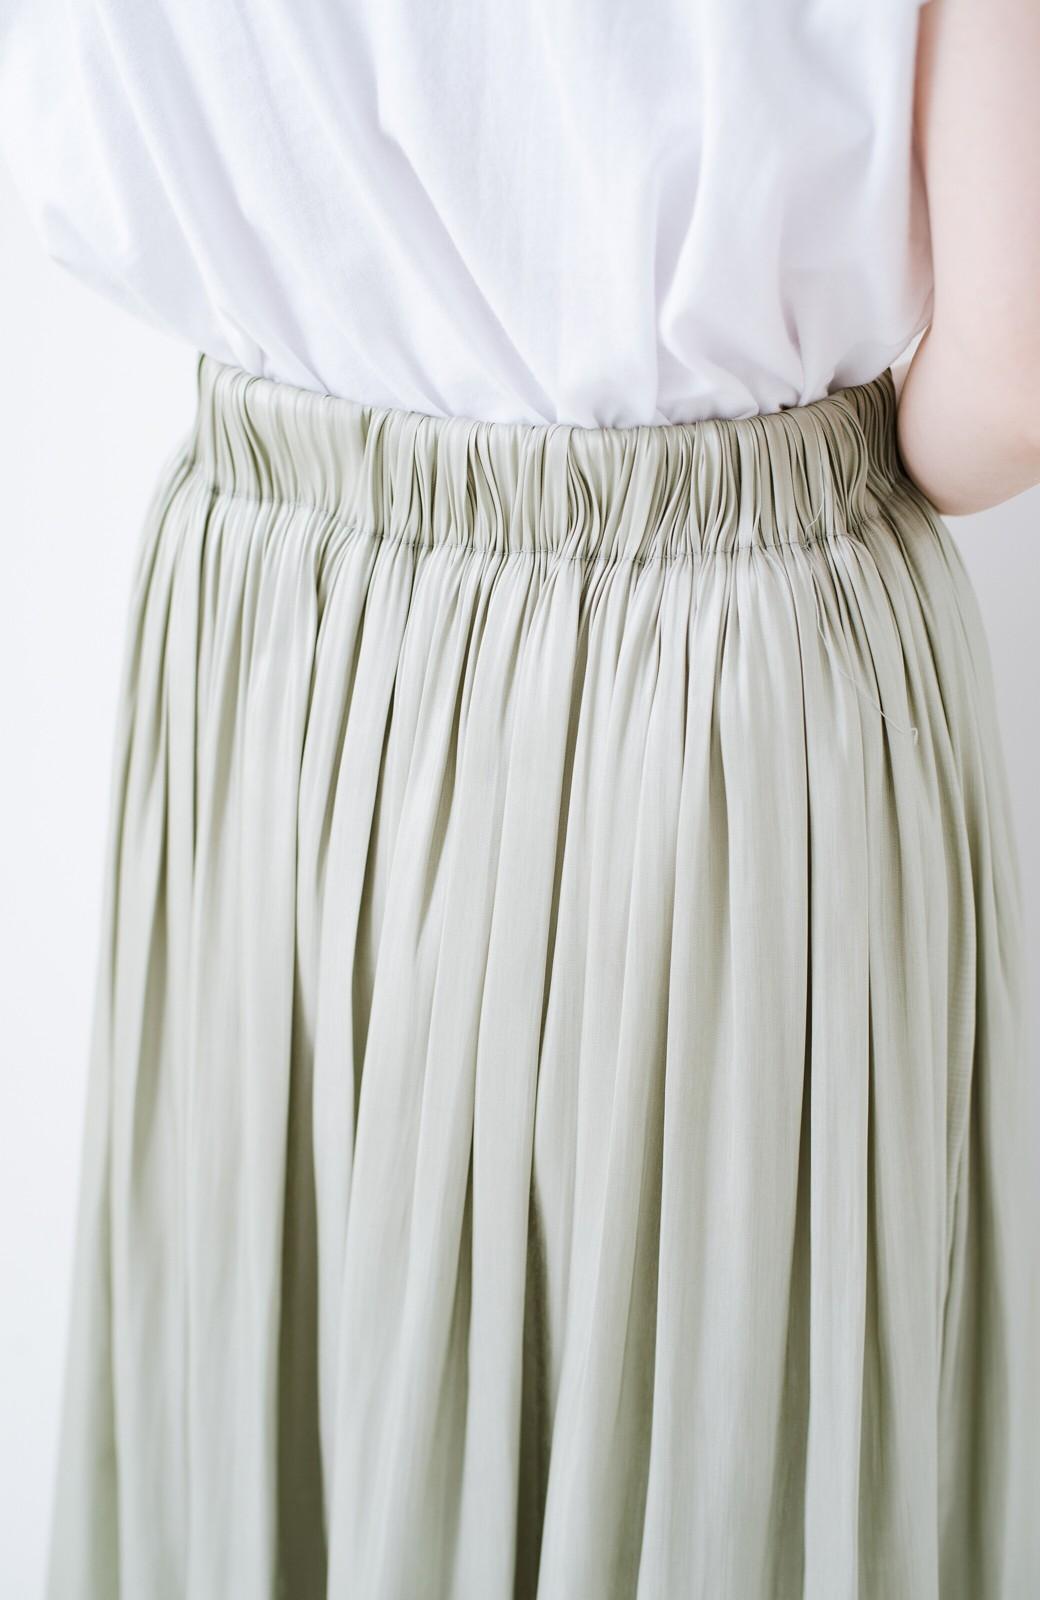 haco! 【再入荷】1枚でも重ね着にも便利なキラキラ素材がかわいいロングスカート by laulea <グリーン>の商品写真9